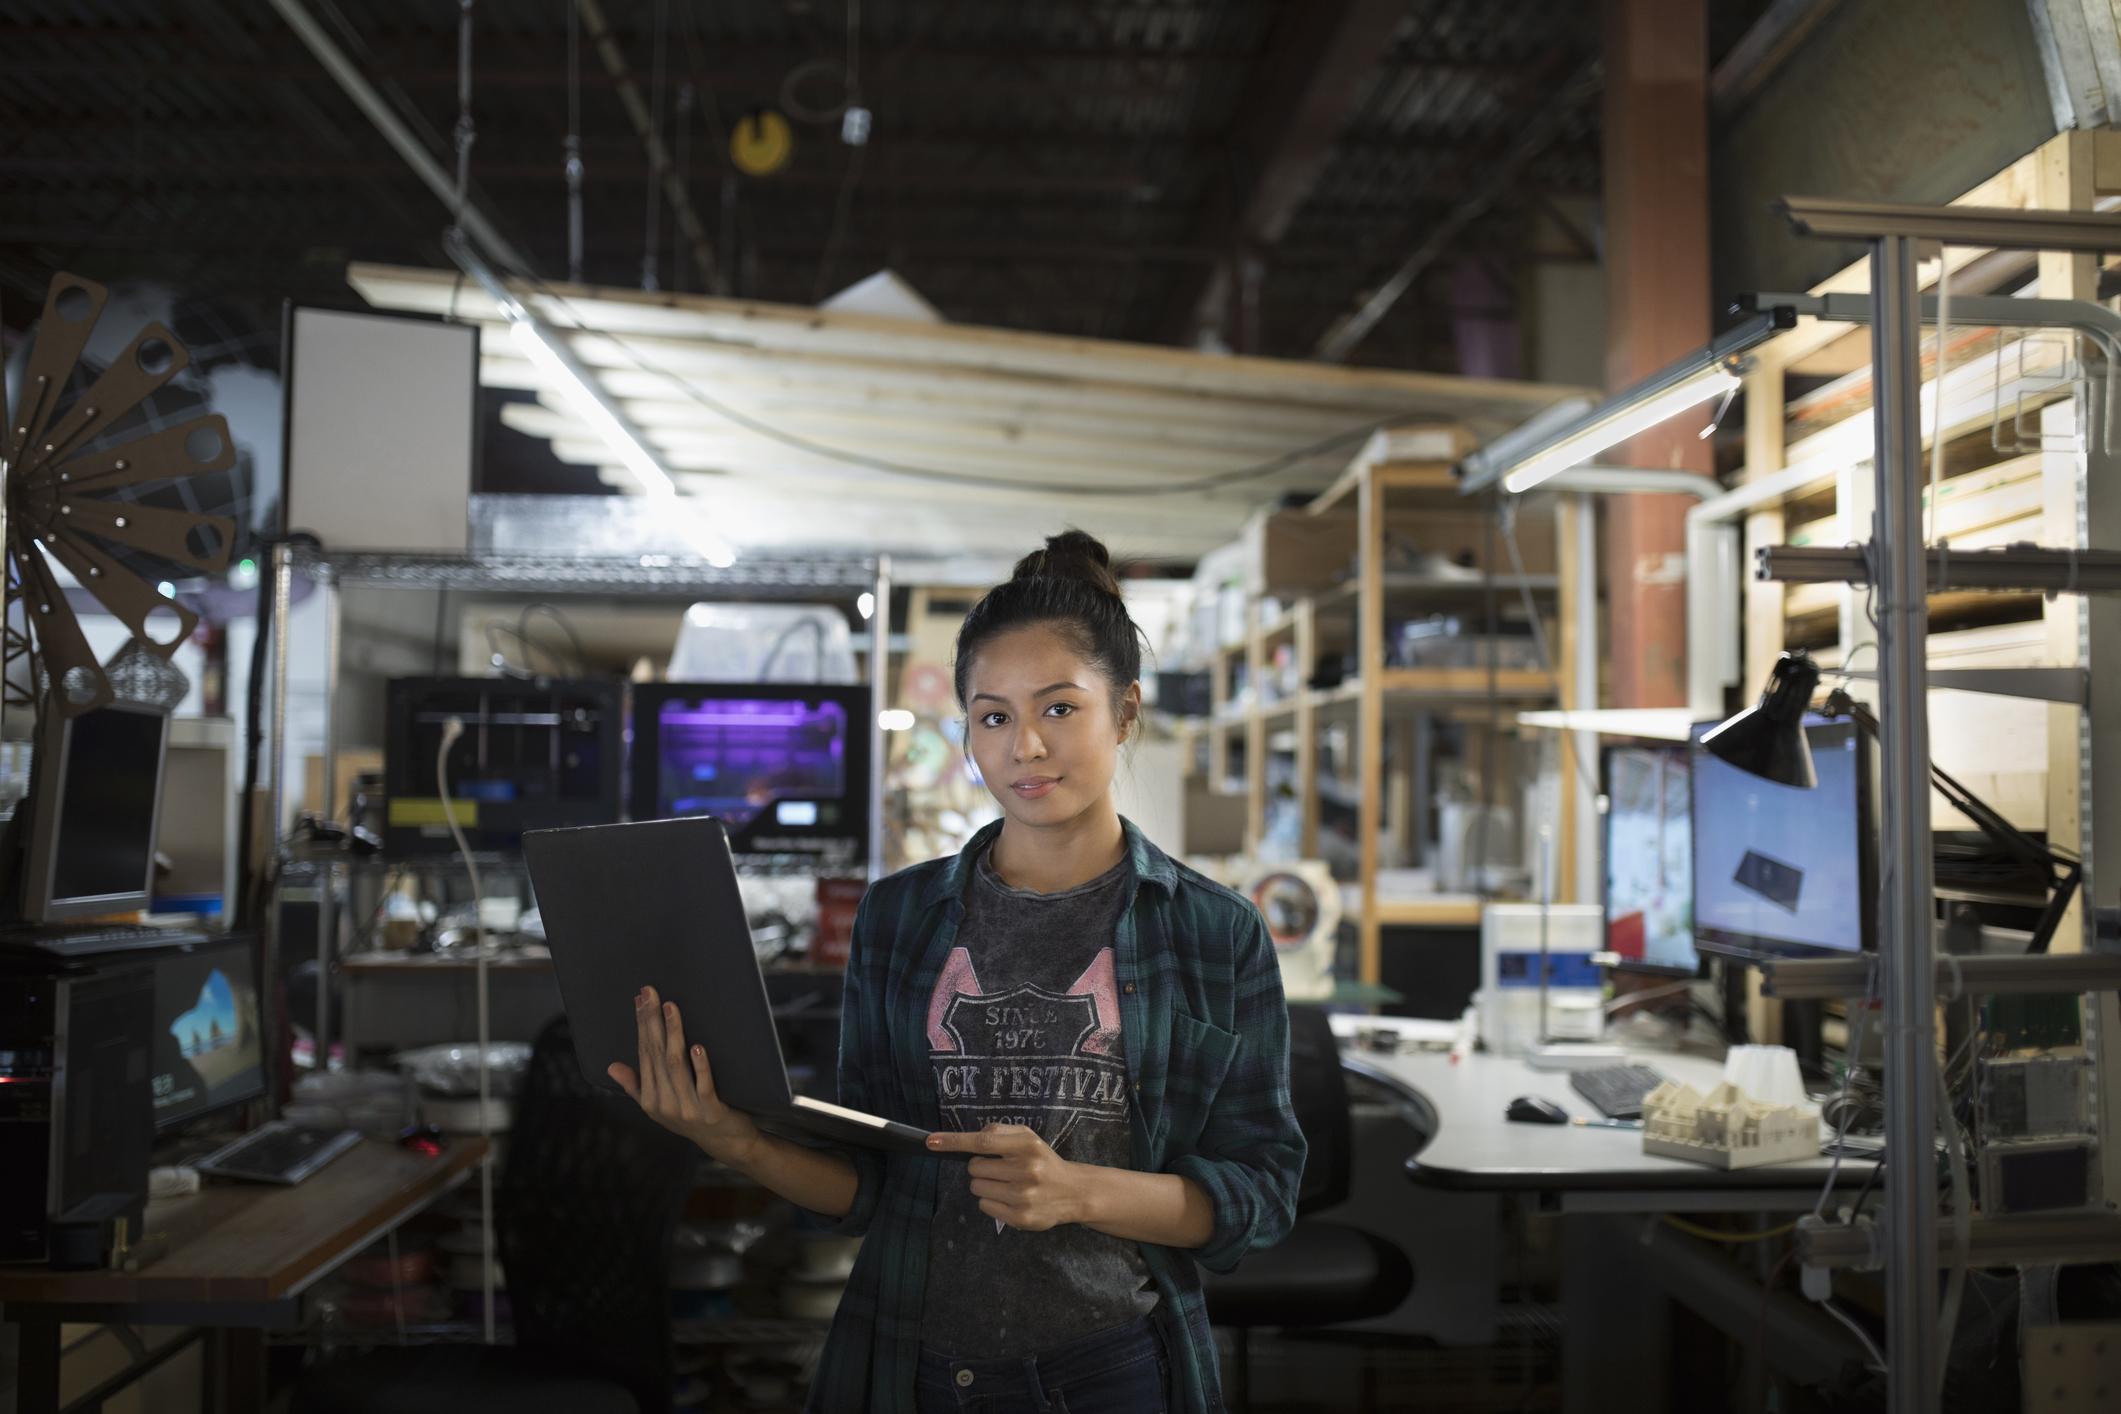 vrouwen in tech